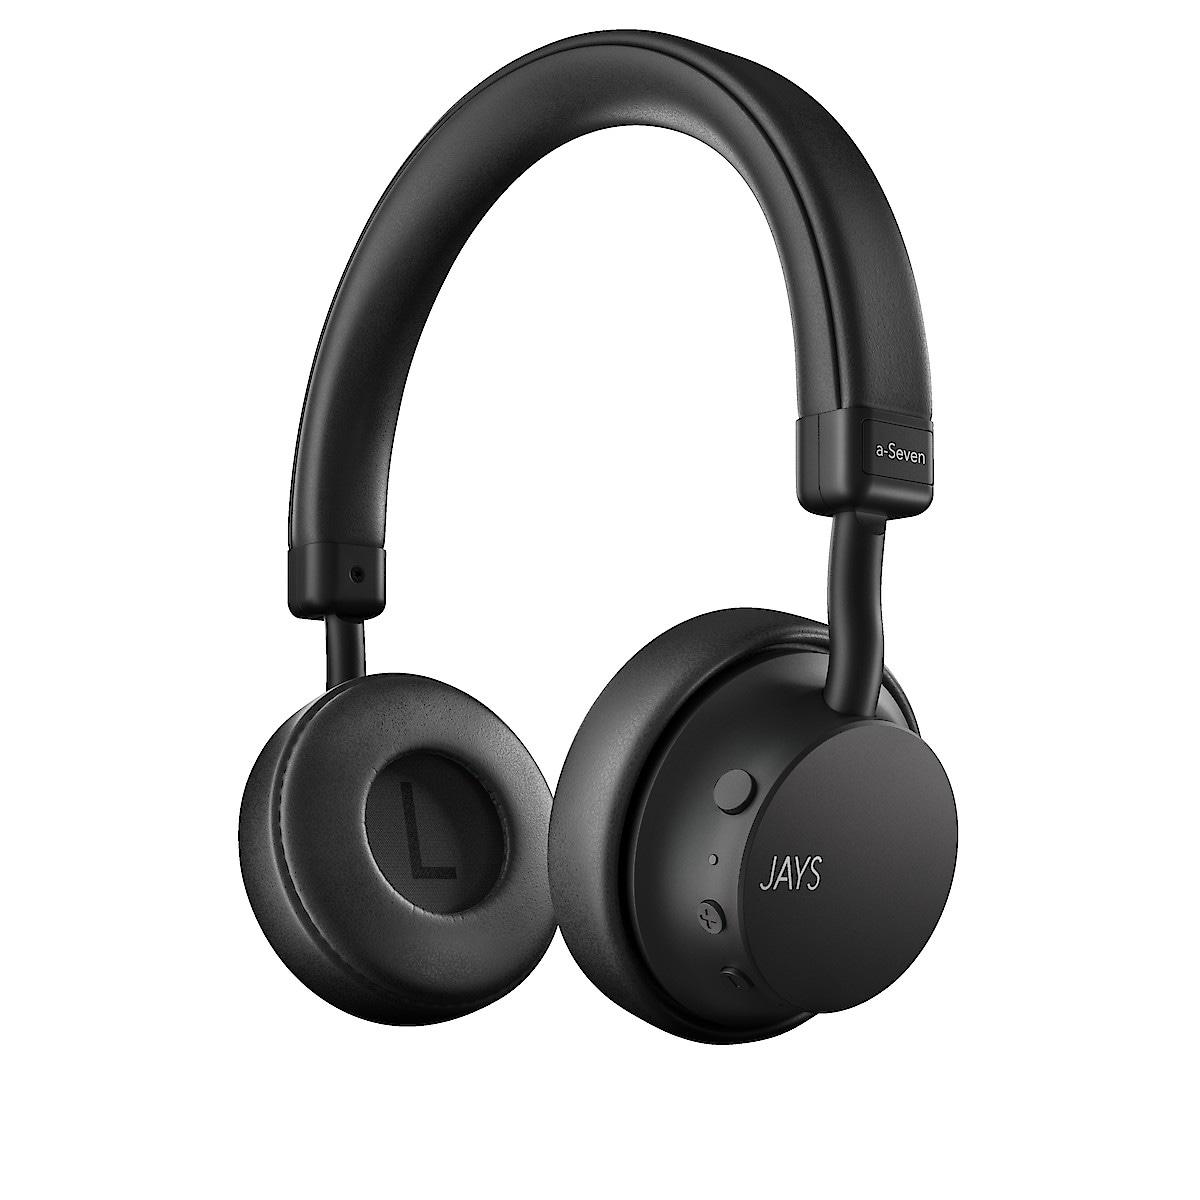 Trådlösa hörlurar, Jays A-Seven Wireless